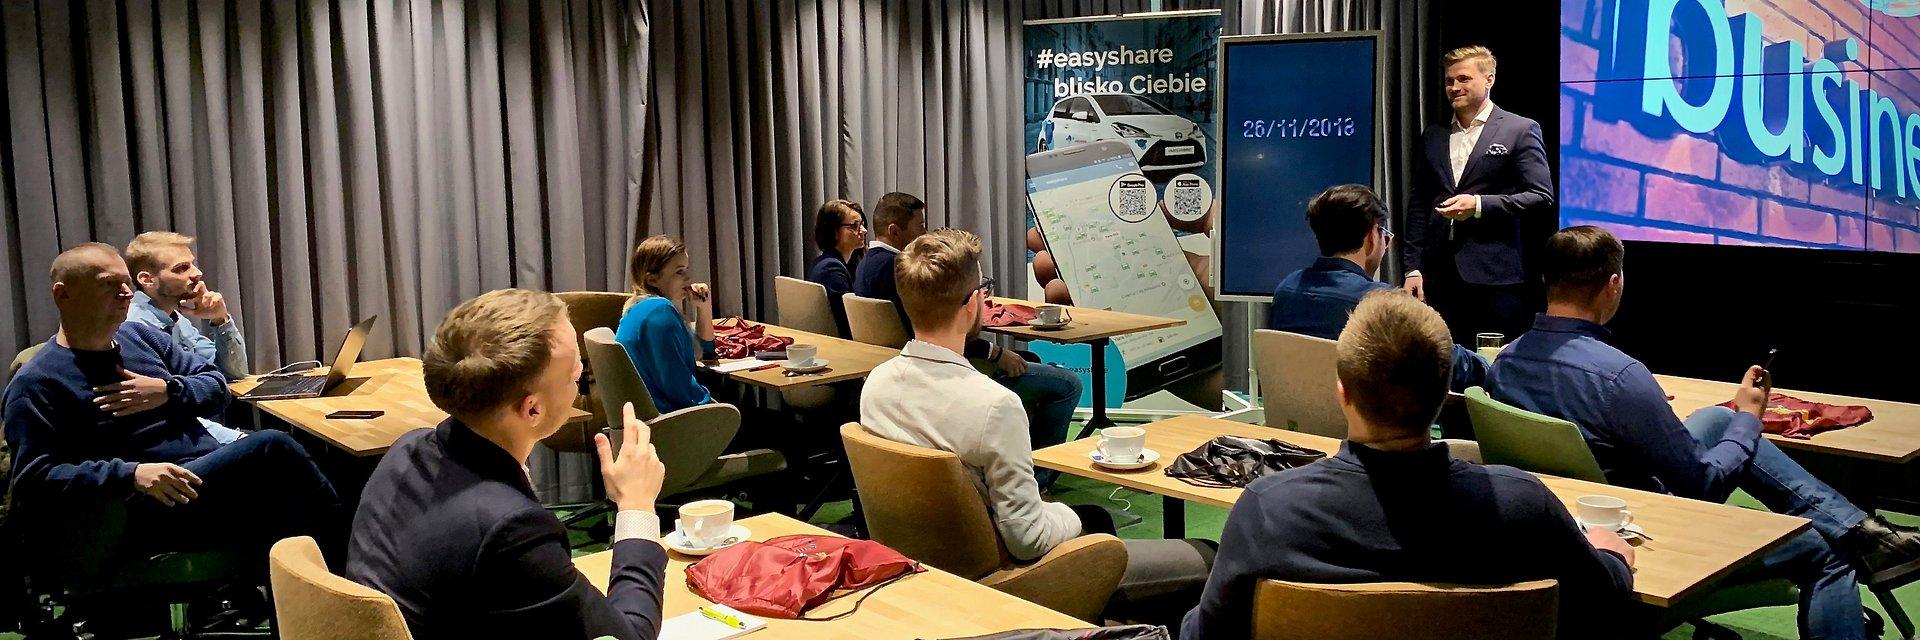 Poznański Business Link Maraton - najbardziej funkcjonalną przestrzenią coworkingową w Polsce